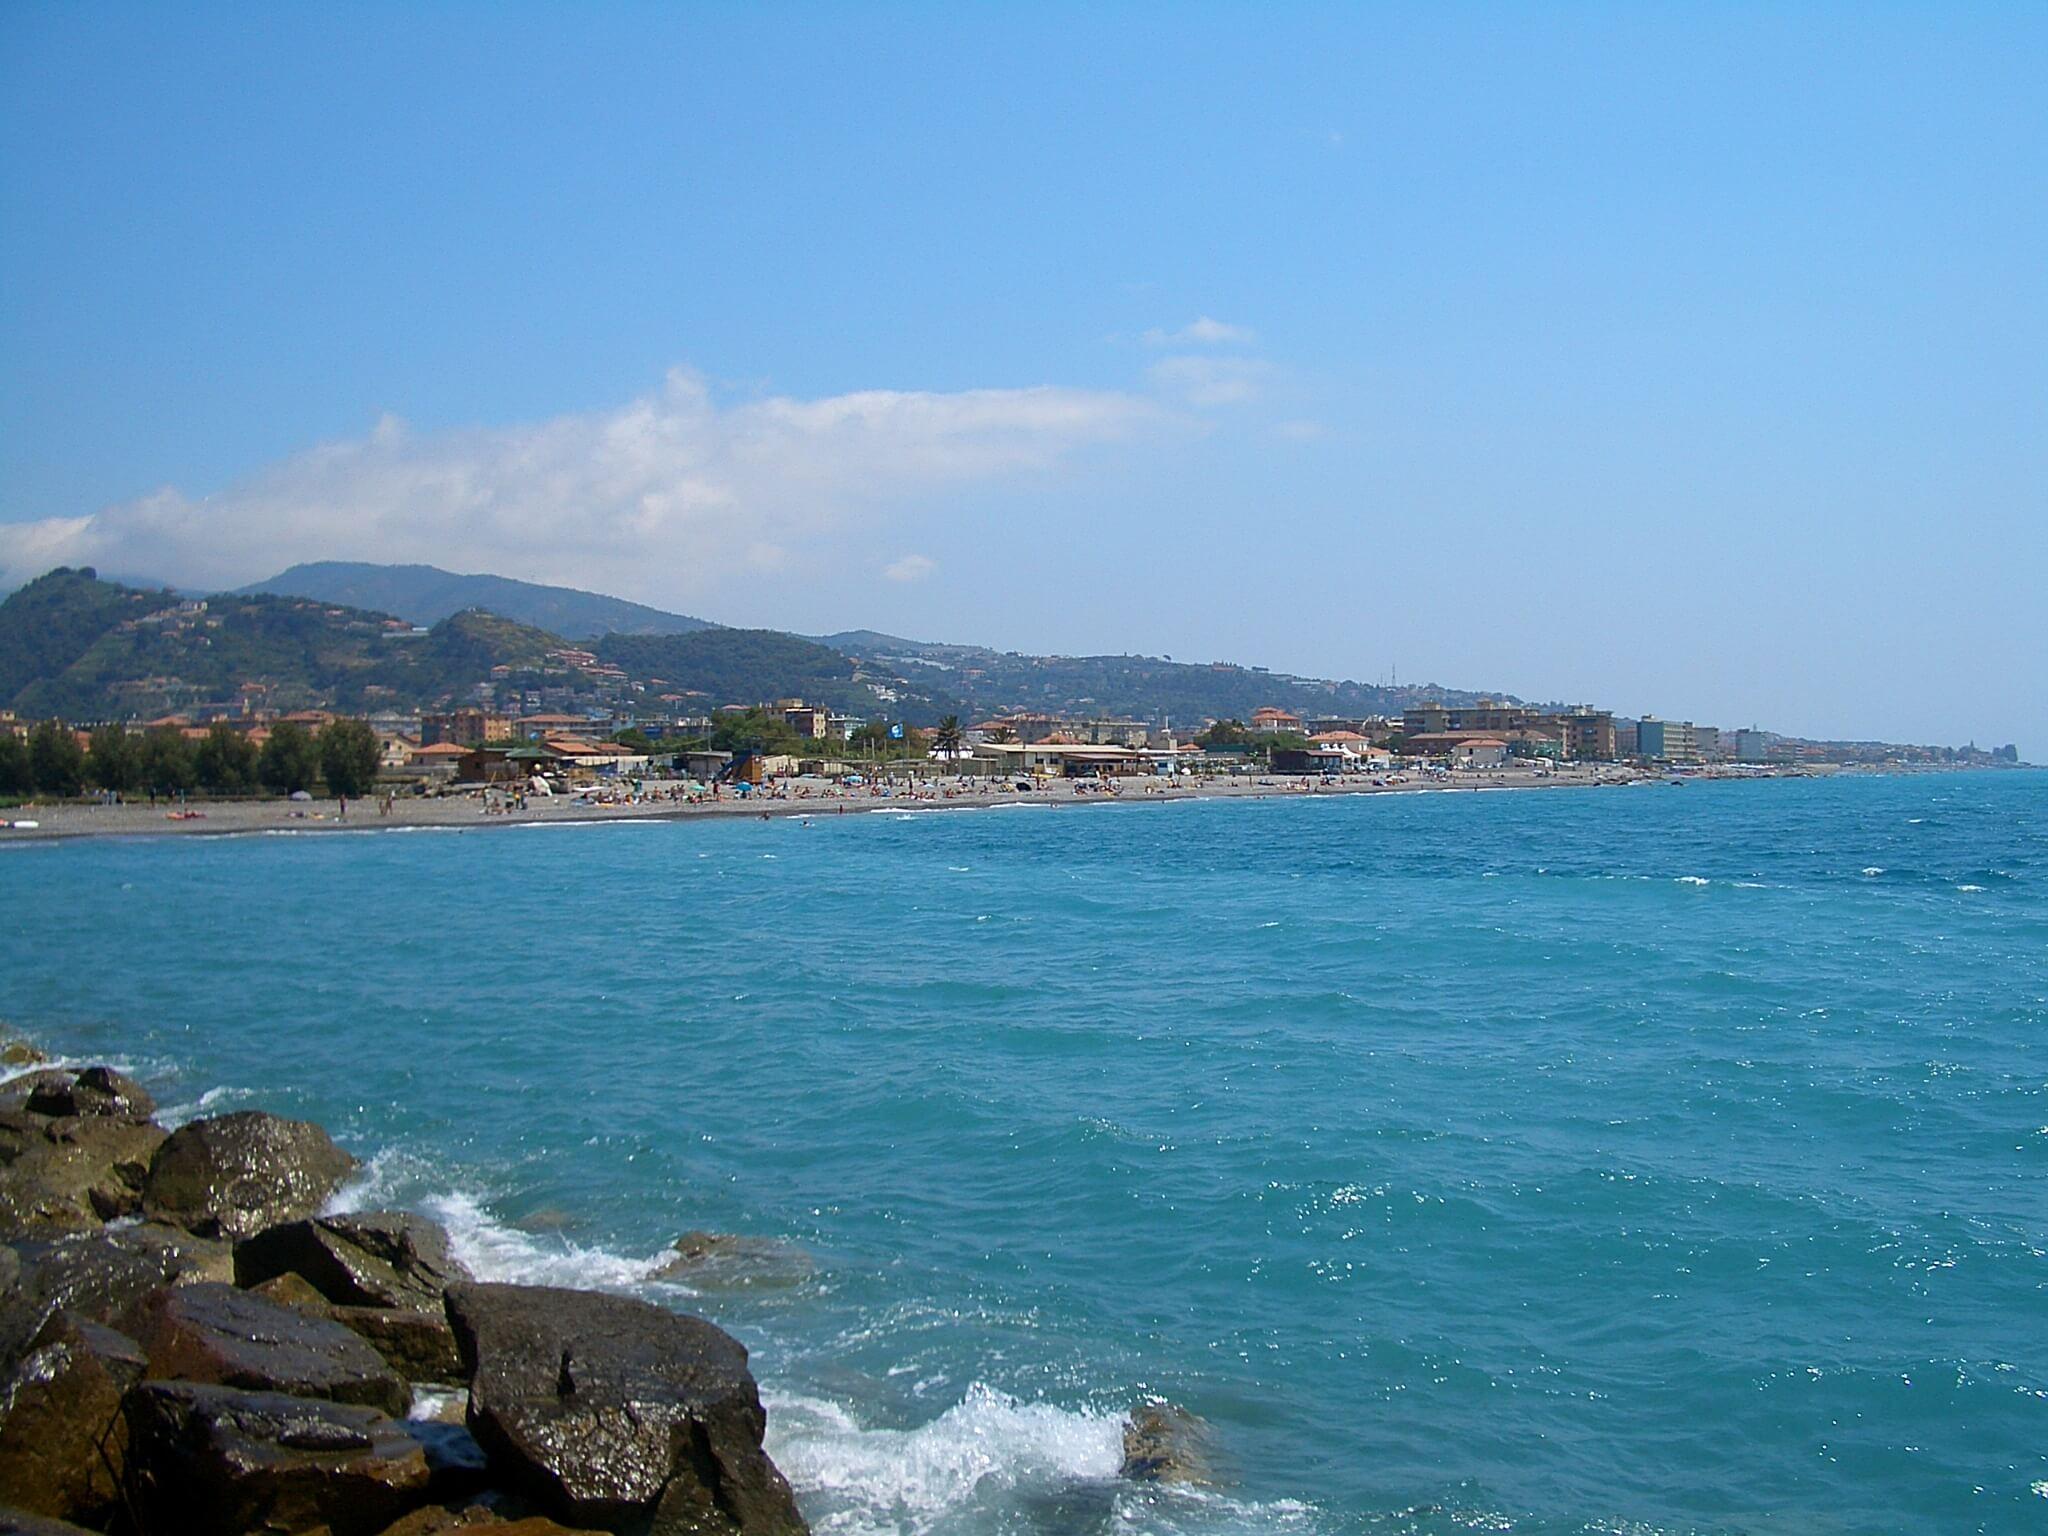 Case vacanze in affitto a Vallecrosia